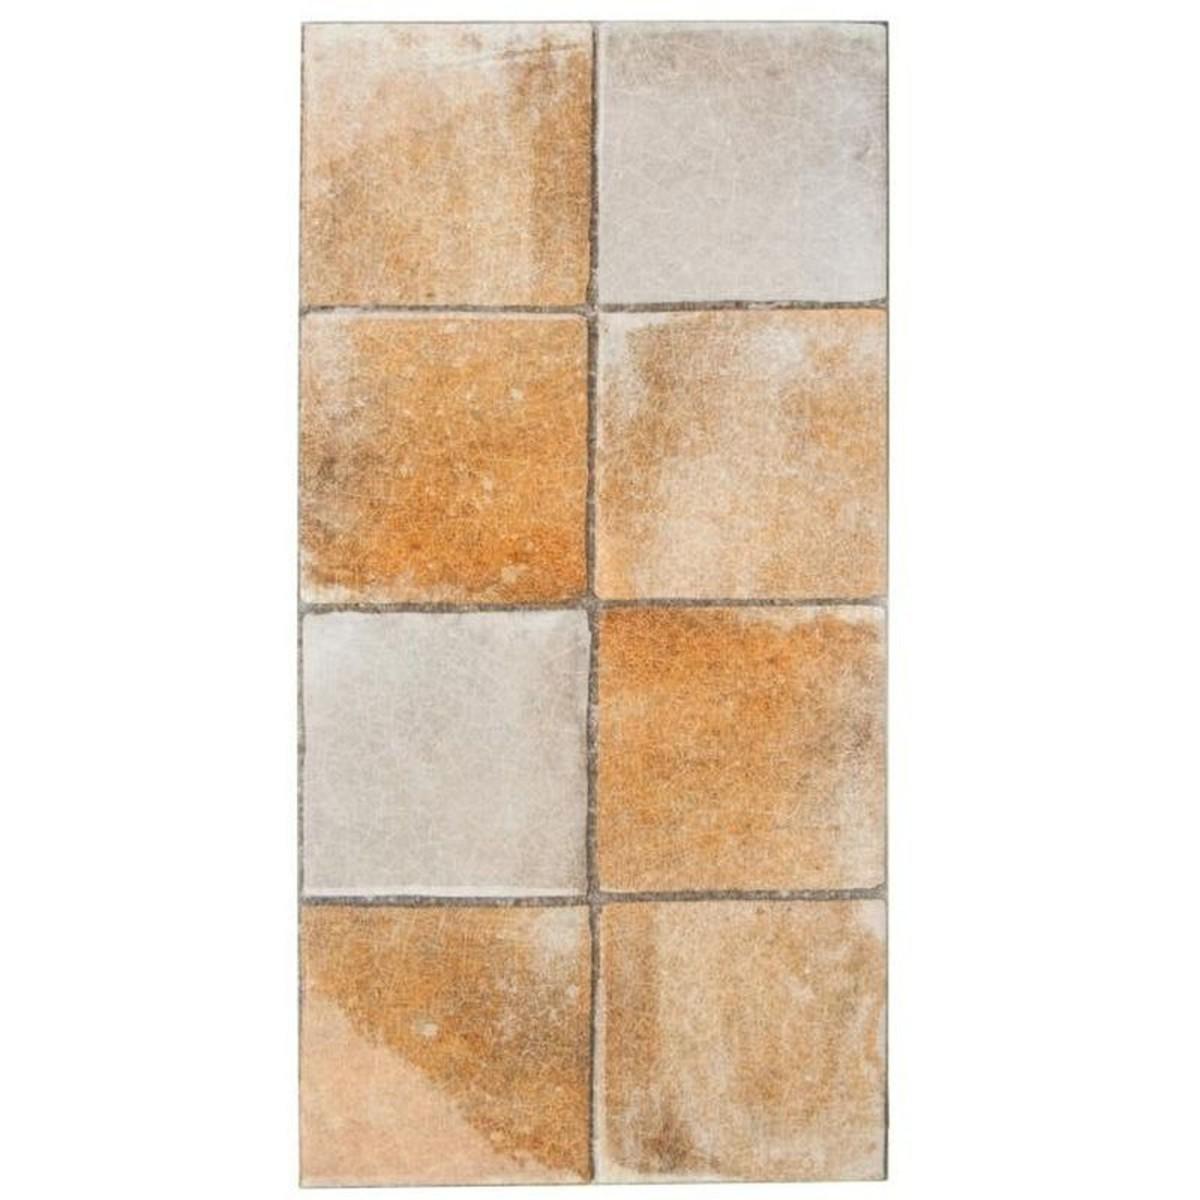 Плитка настенная Лофт 23-740 цвет песочный 20х40 см 128 м2